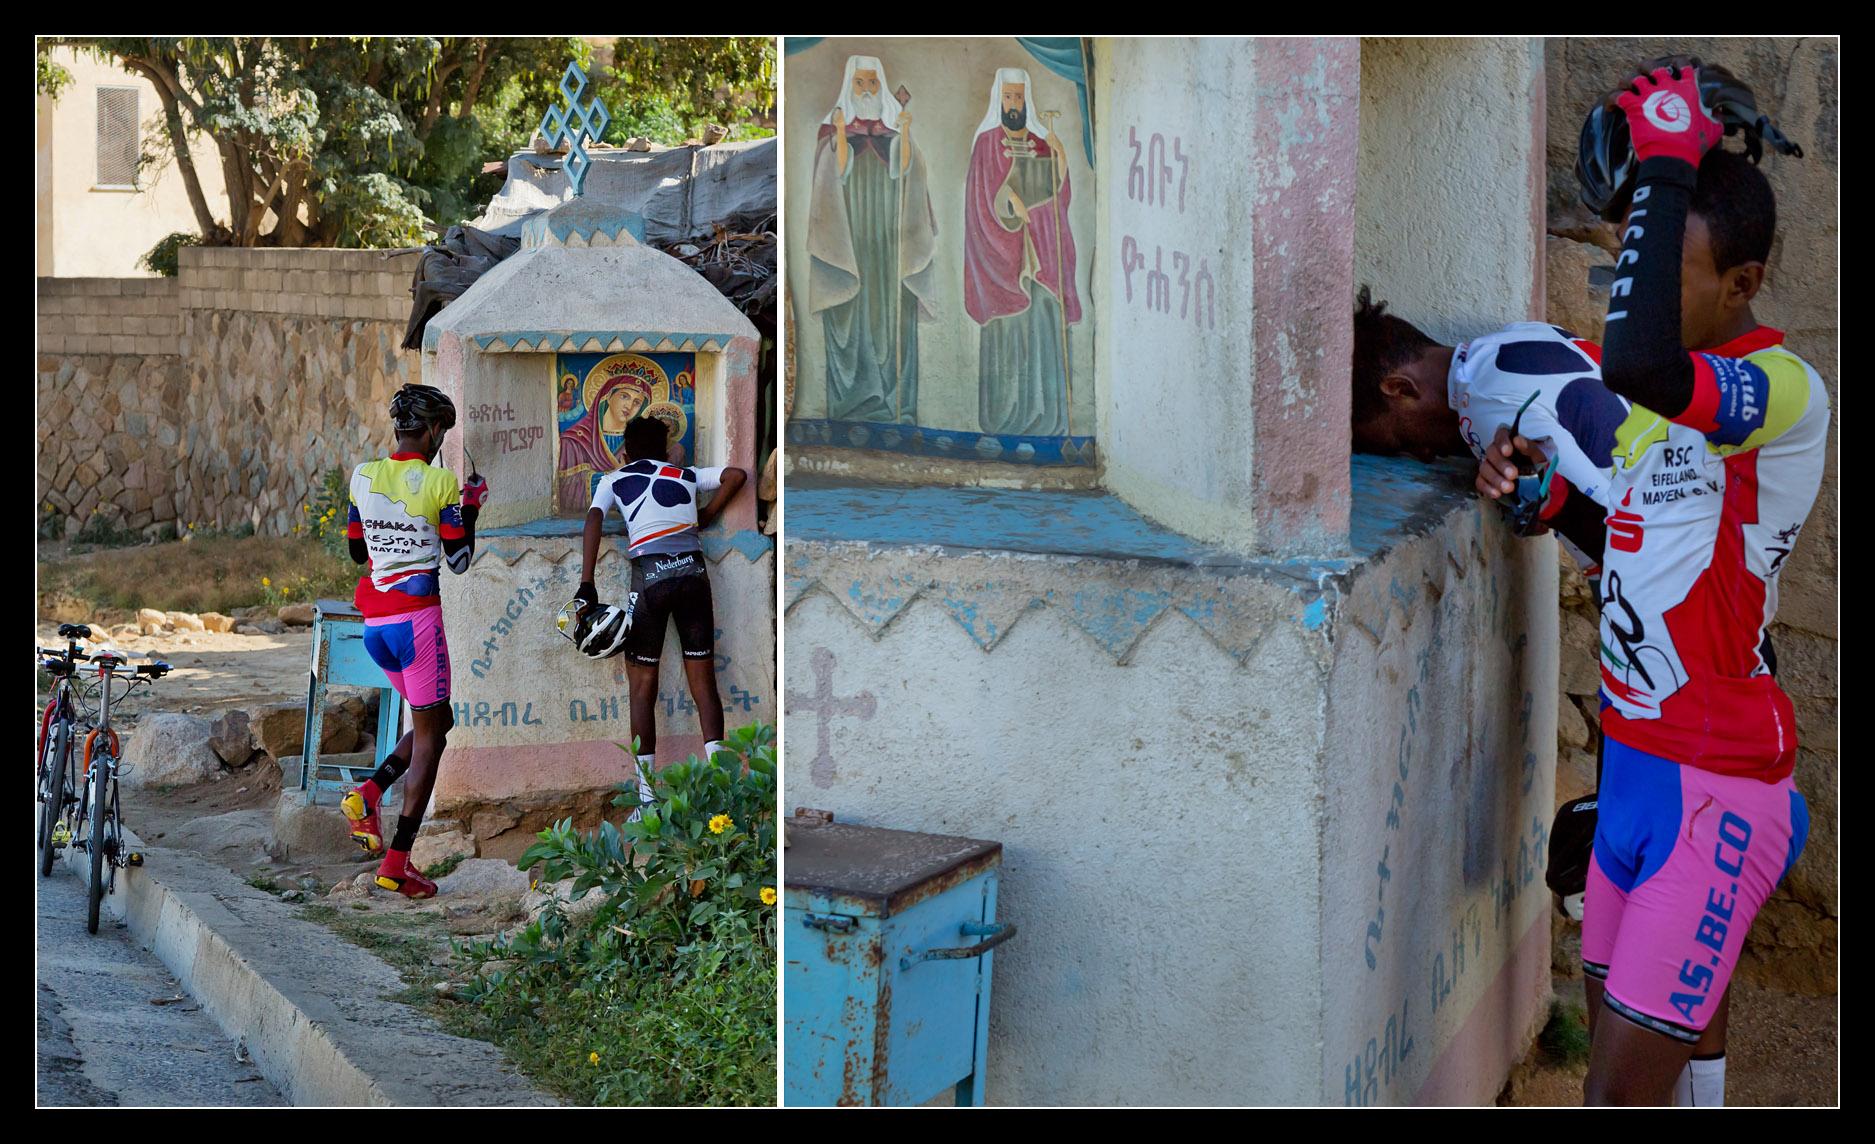 http://raildata.info/eritrea18/eri0706.jpg